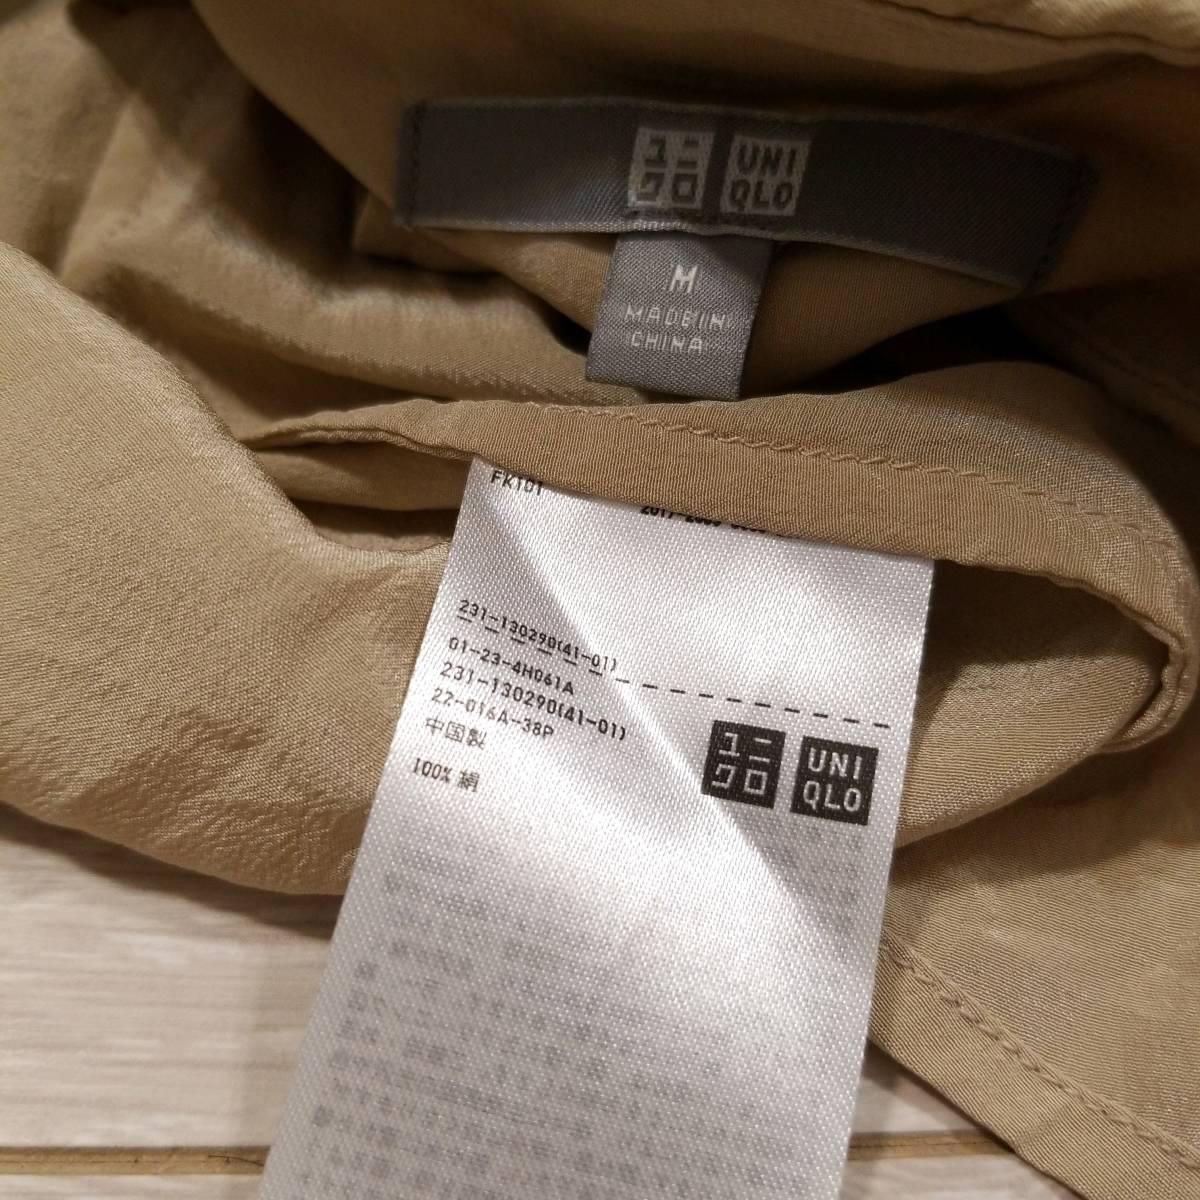 M523 UNIQLO ユニクロ シルク 100% ブラウス ノースリーブ シャツ M 絹 ベージュ系 トップス